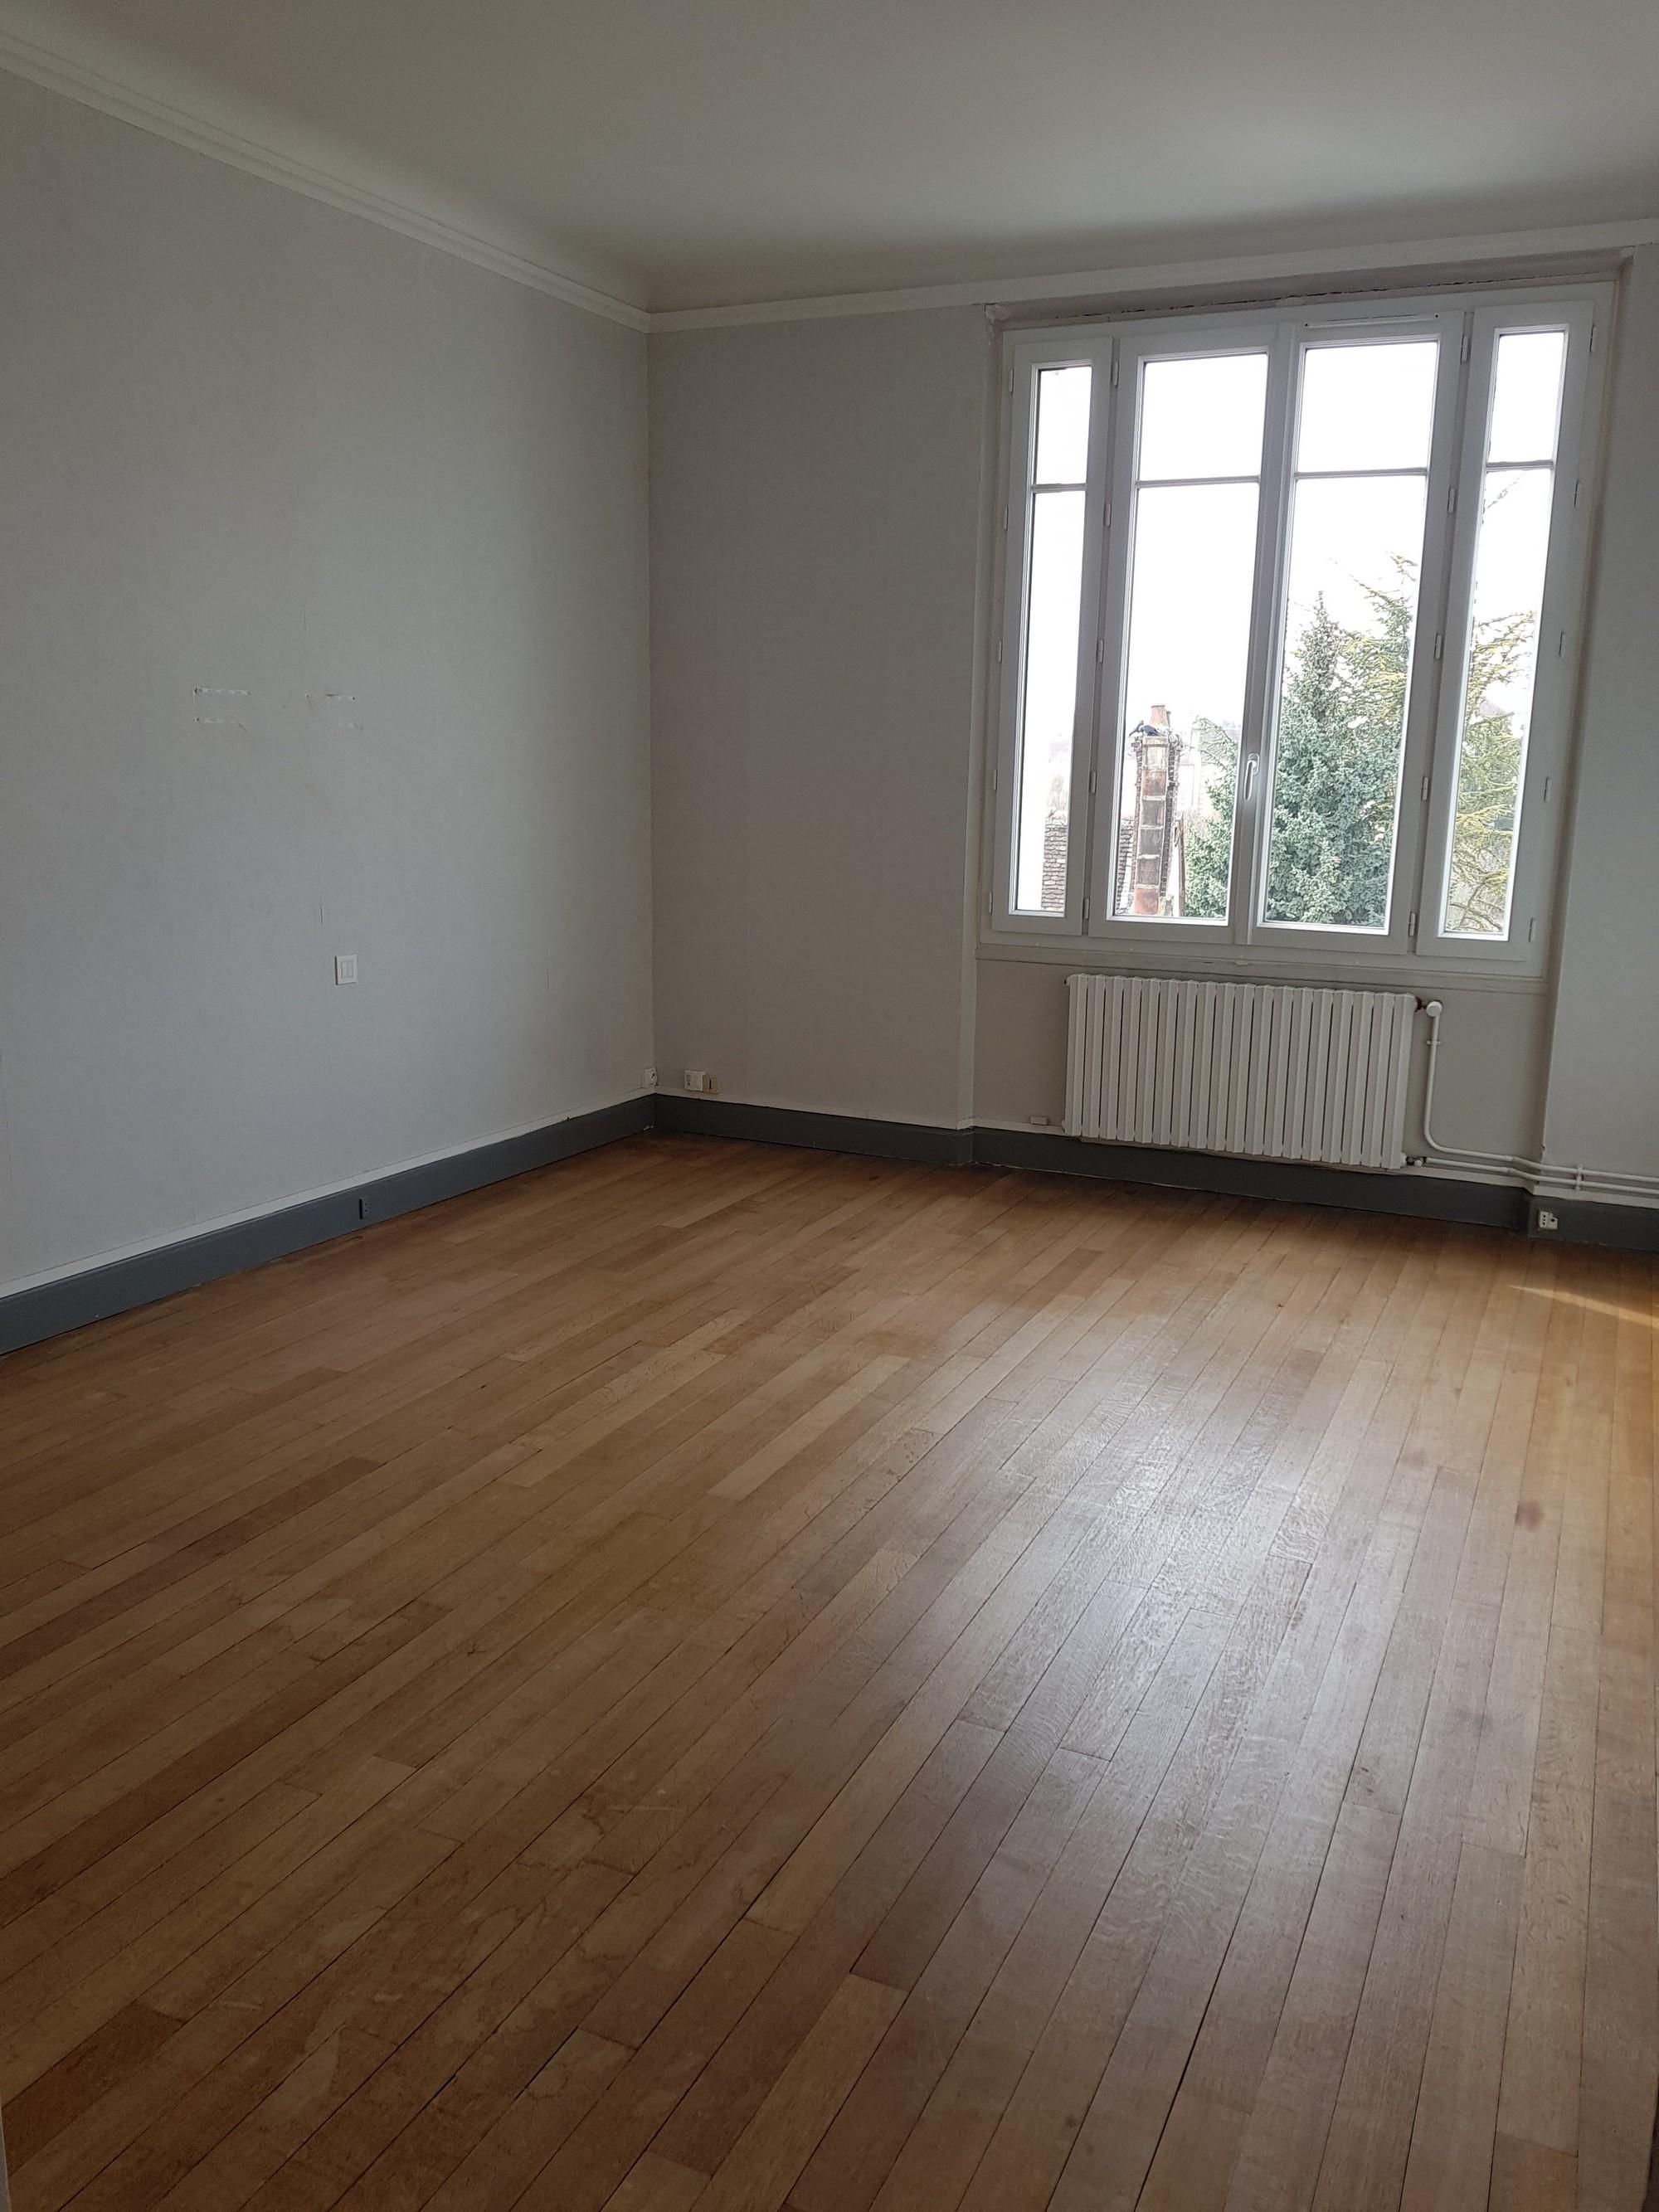 Grand appartement Type 2 Romilly sur seine